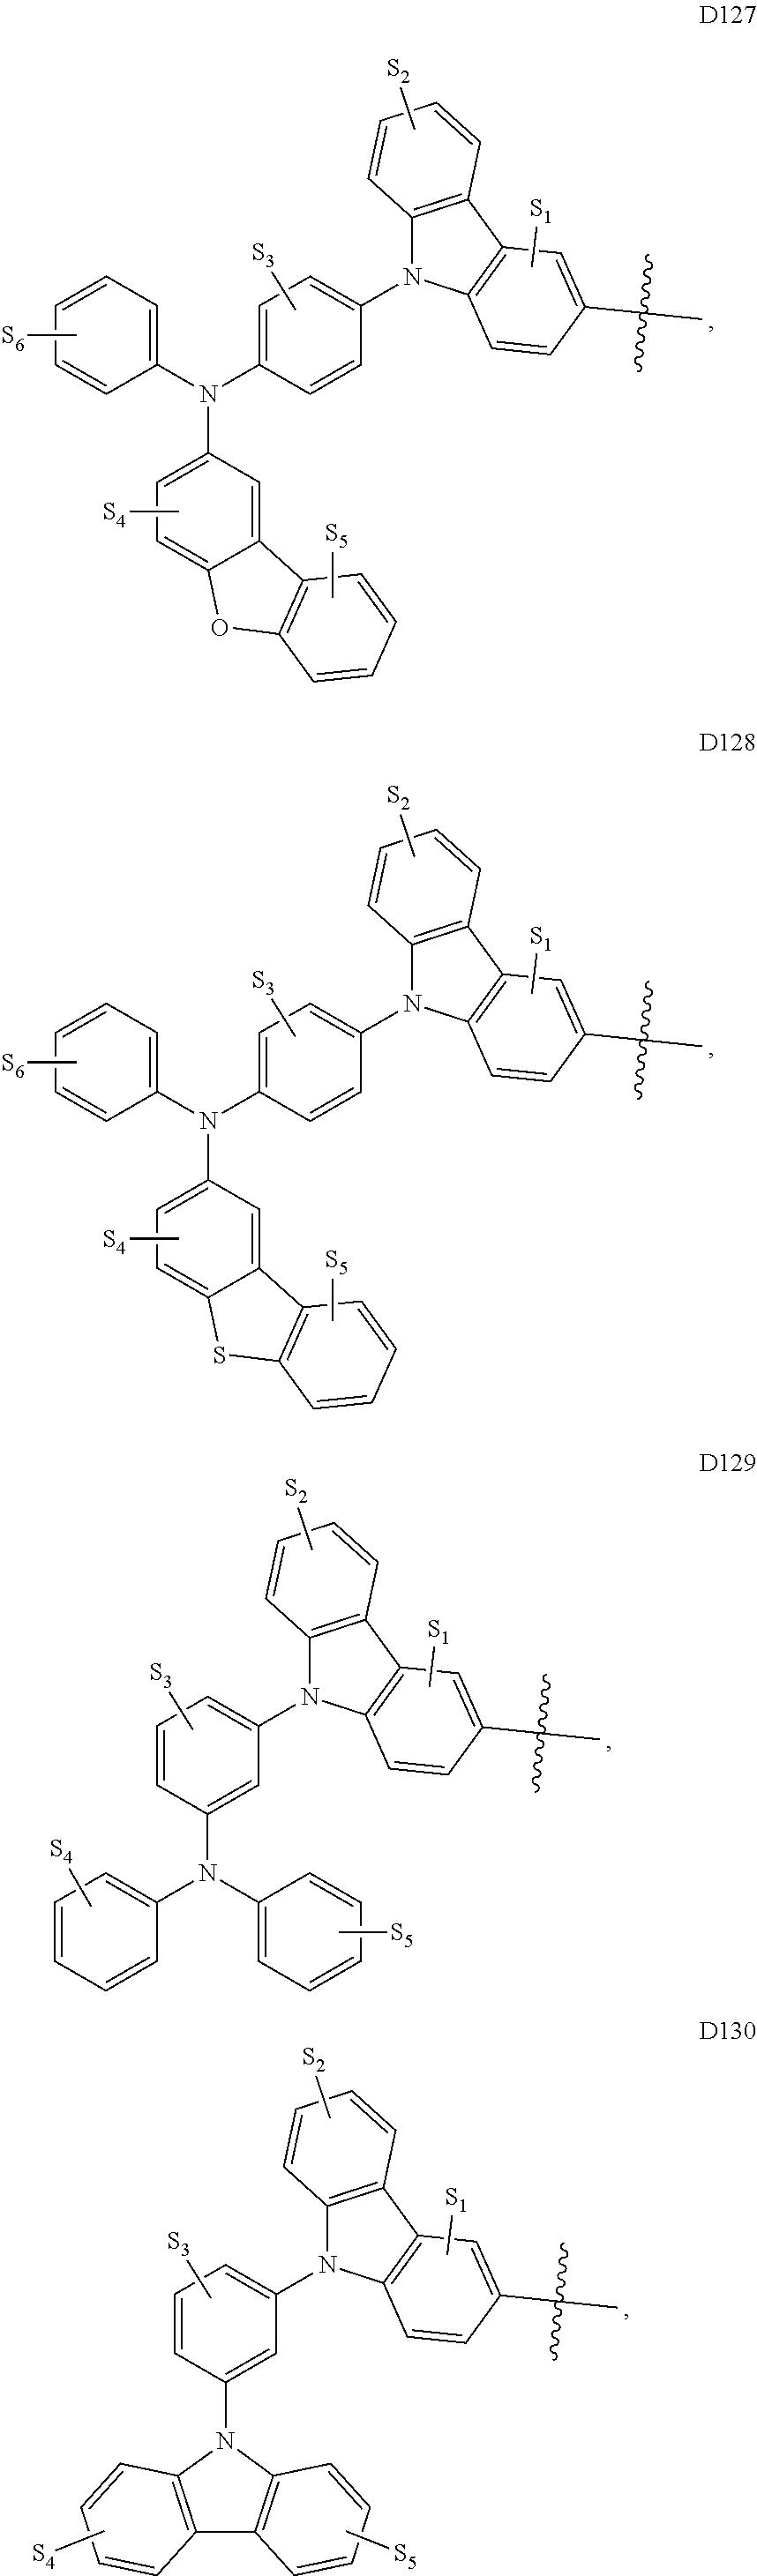 Figure US09537106-20170103-C00157